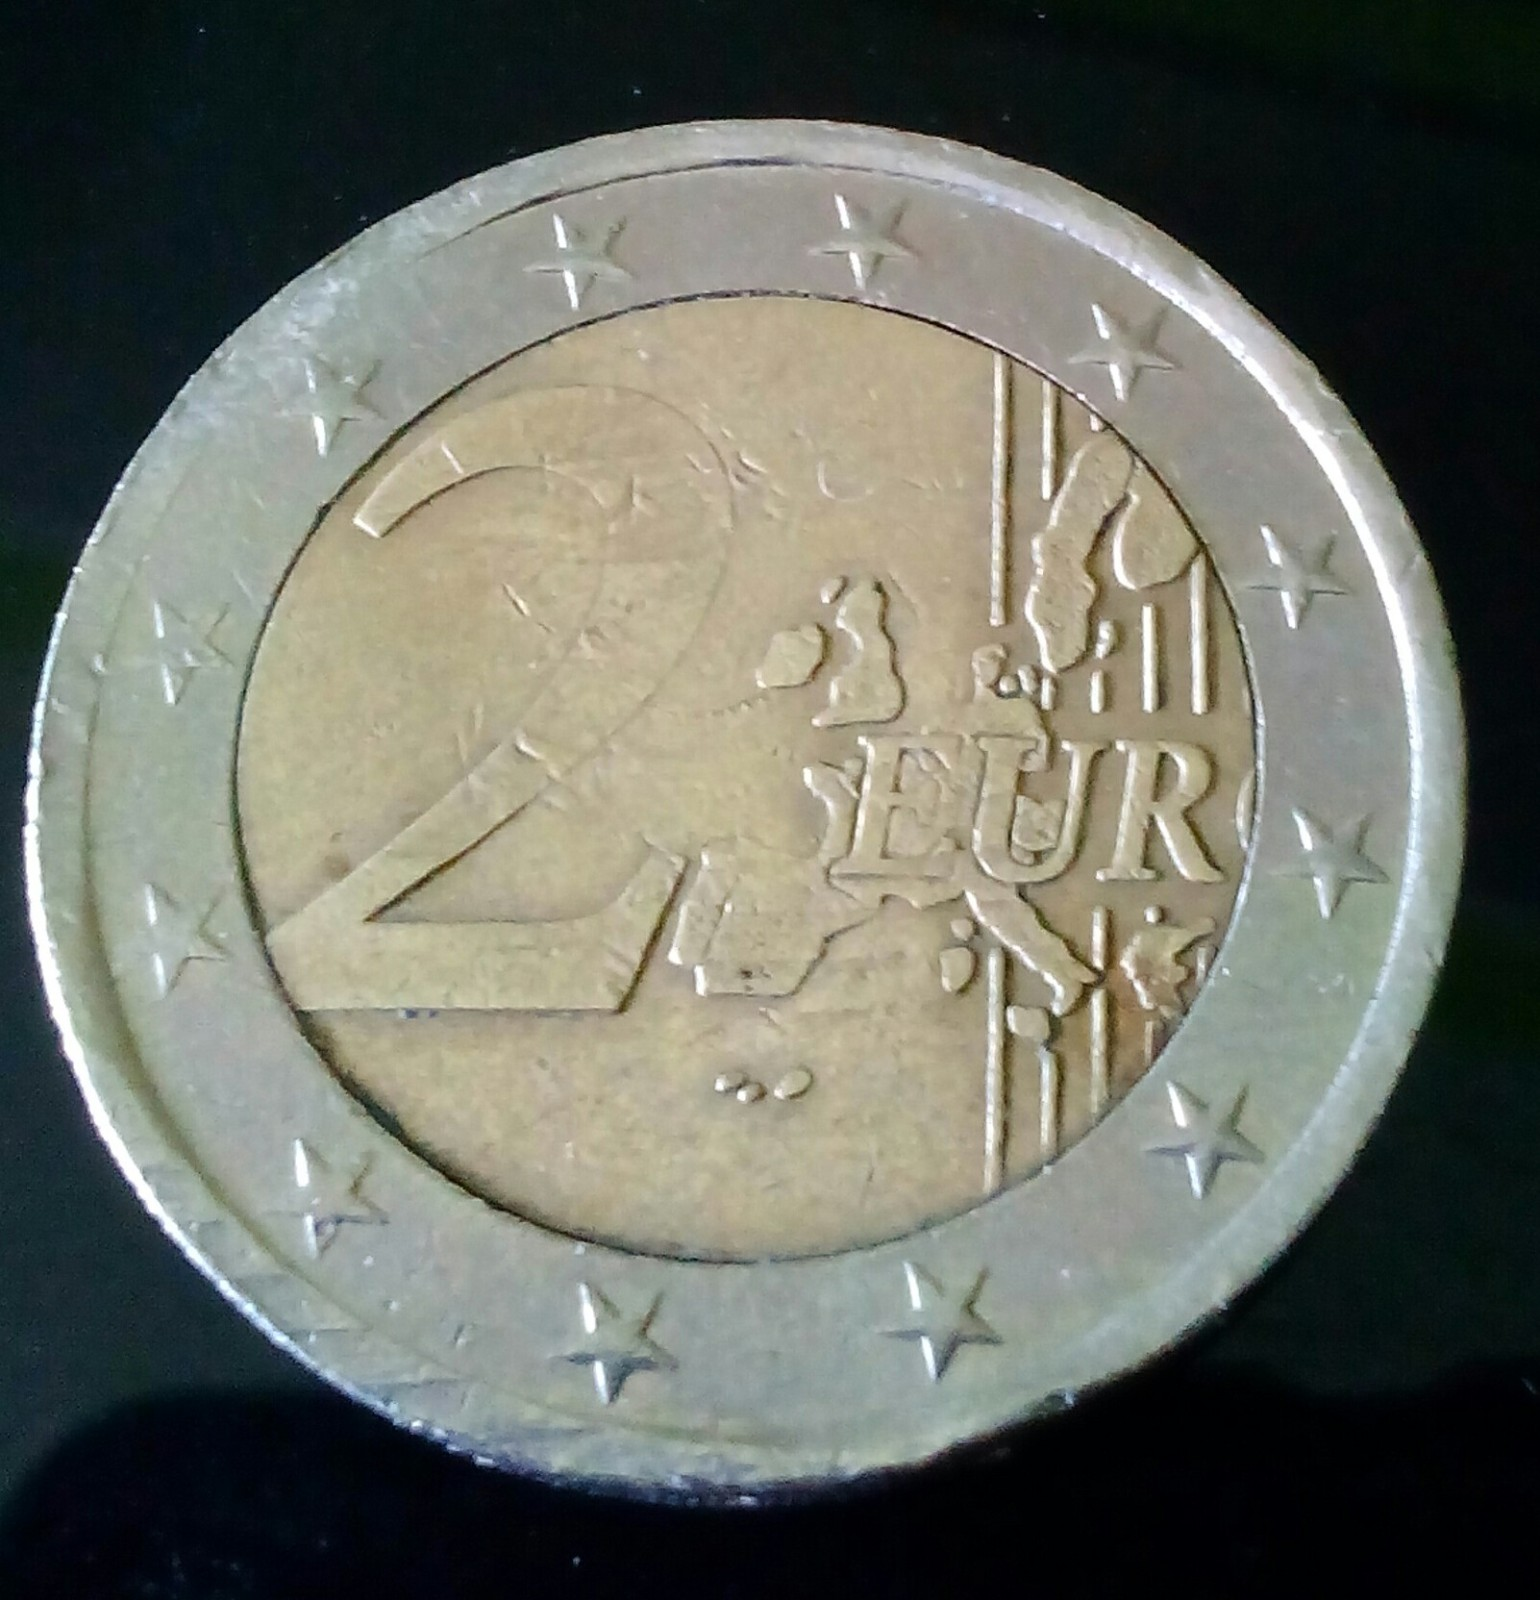 Moneda de 2 euros Irlanda con defectos 4g2has